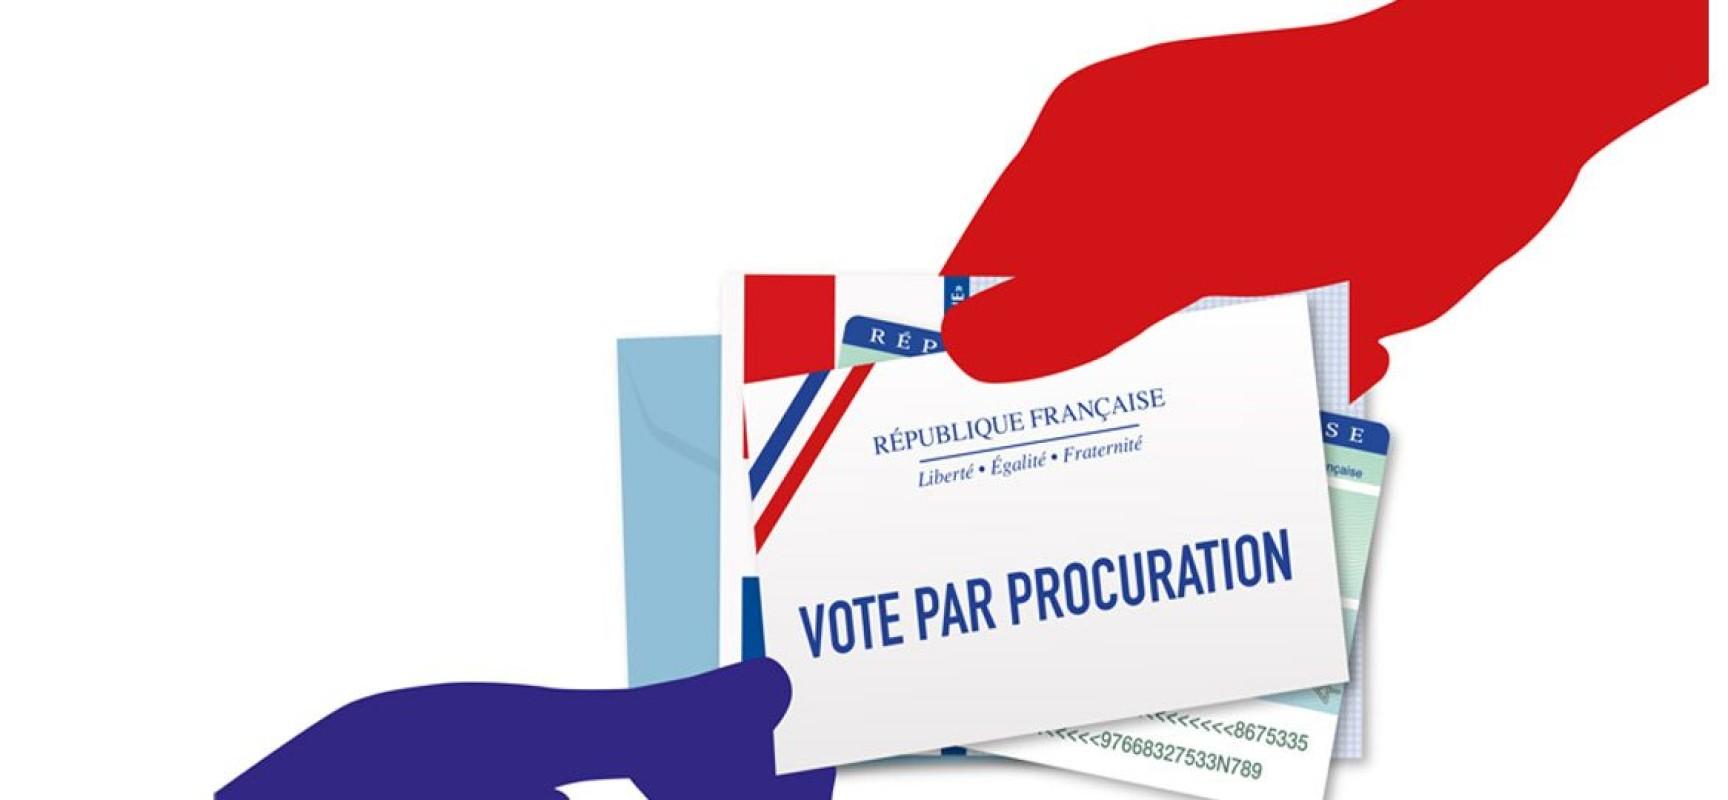 2d tour des élections municipales et communautaires : des permanences pour établir les procurations le 23 et 25 juin 2020